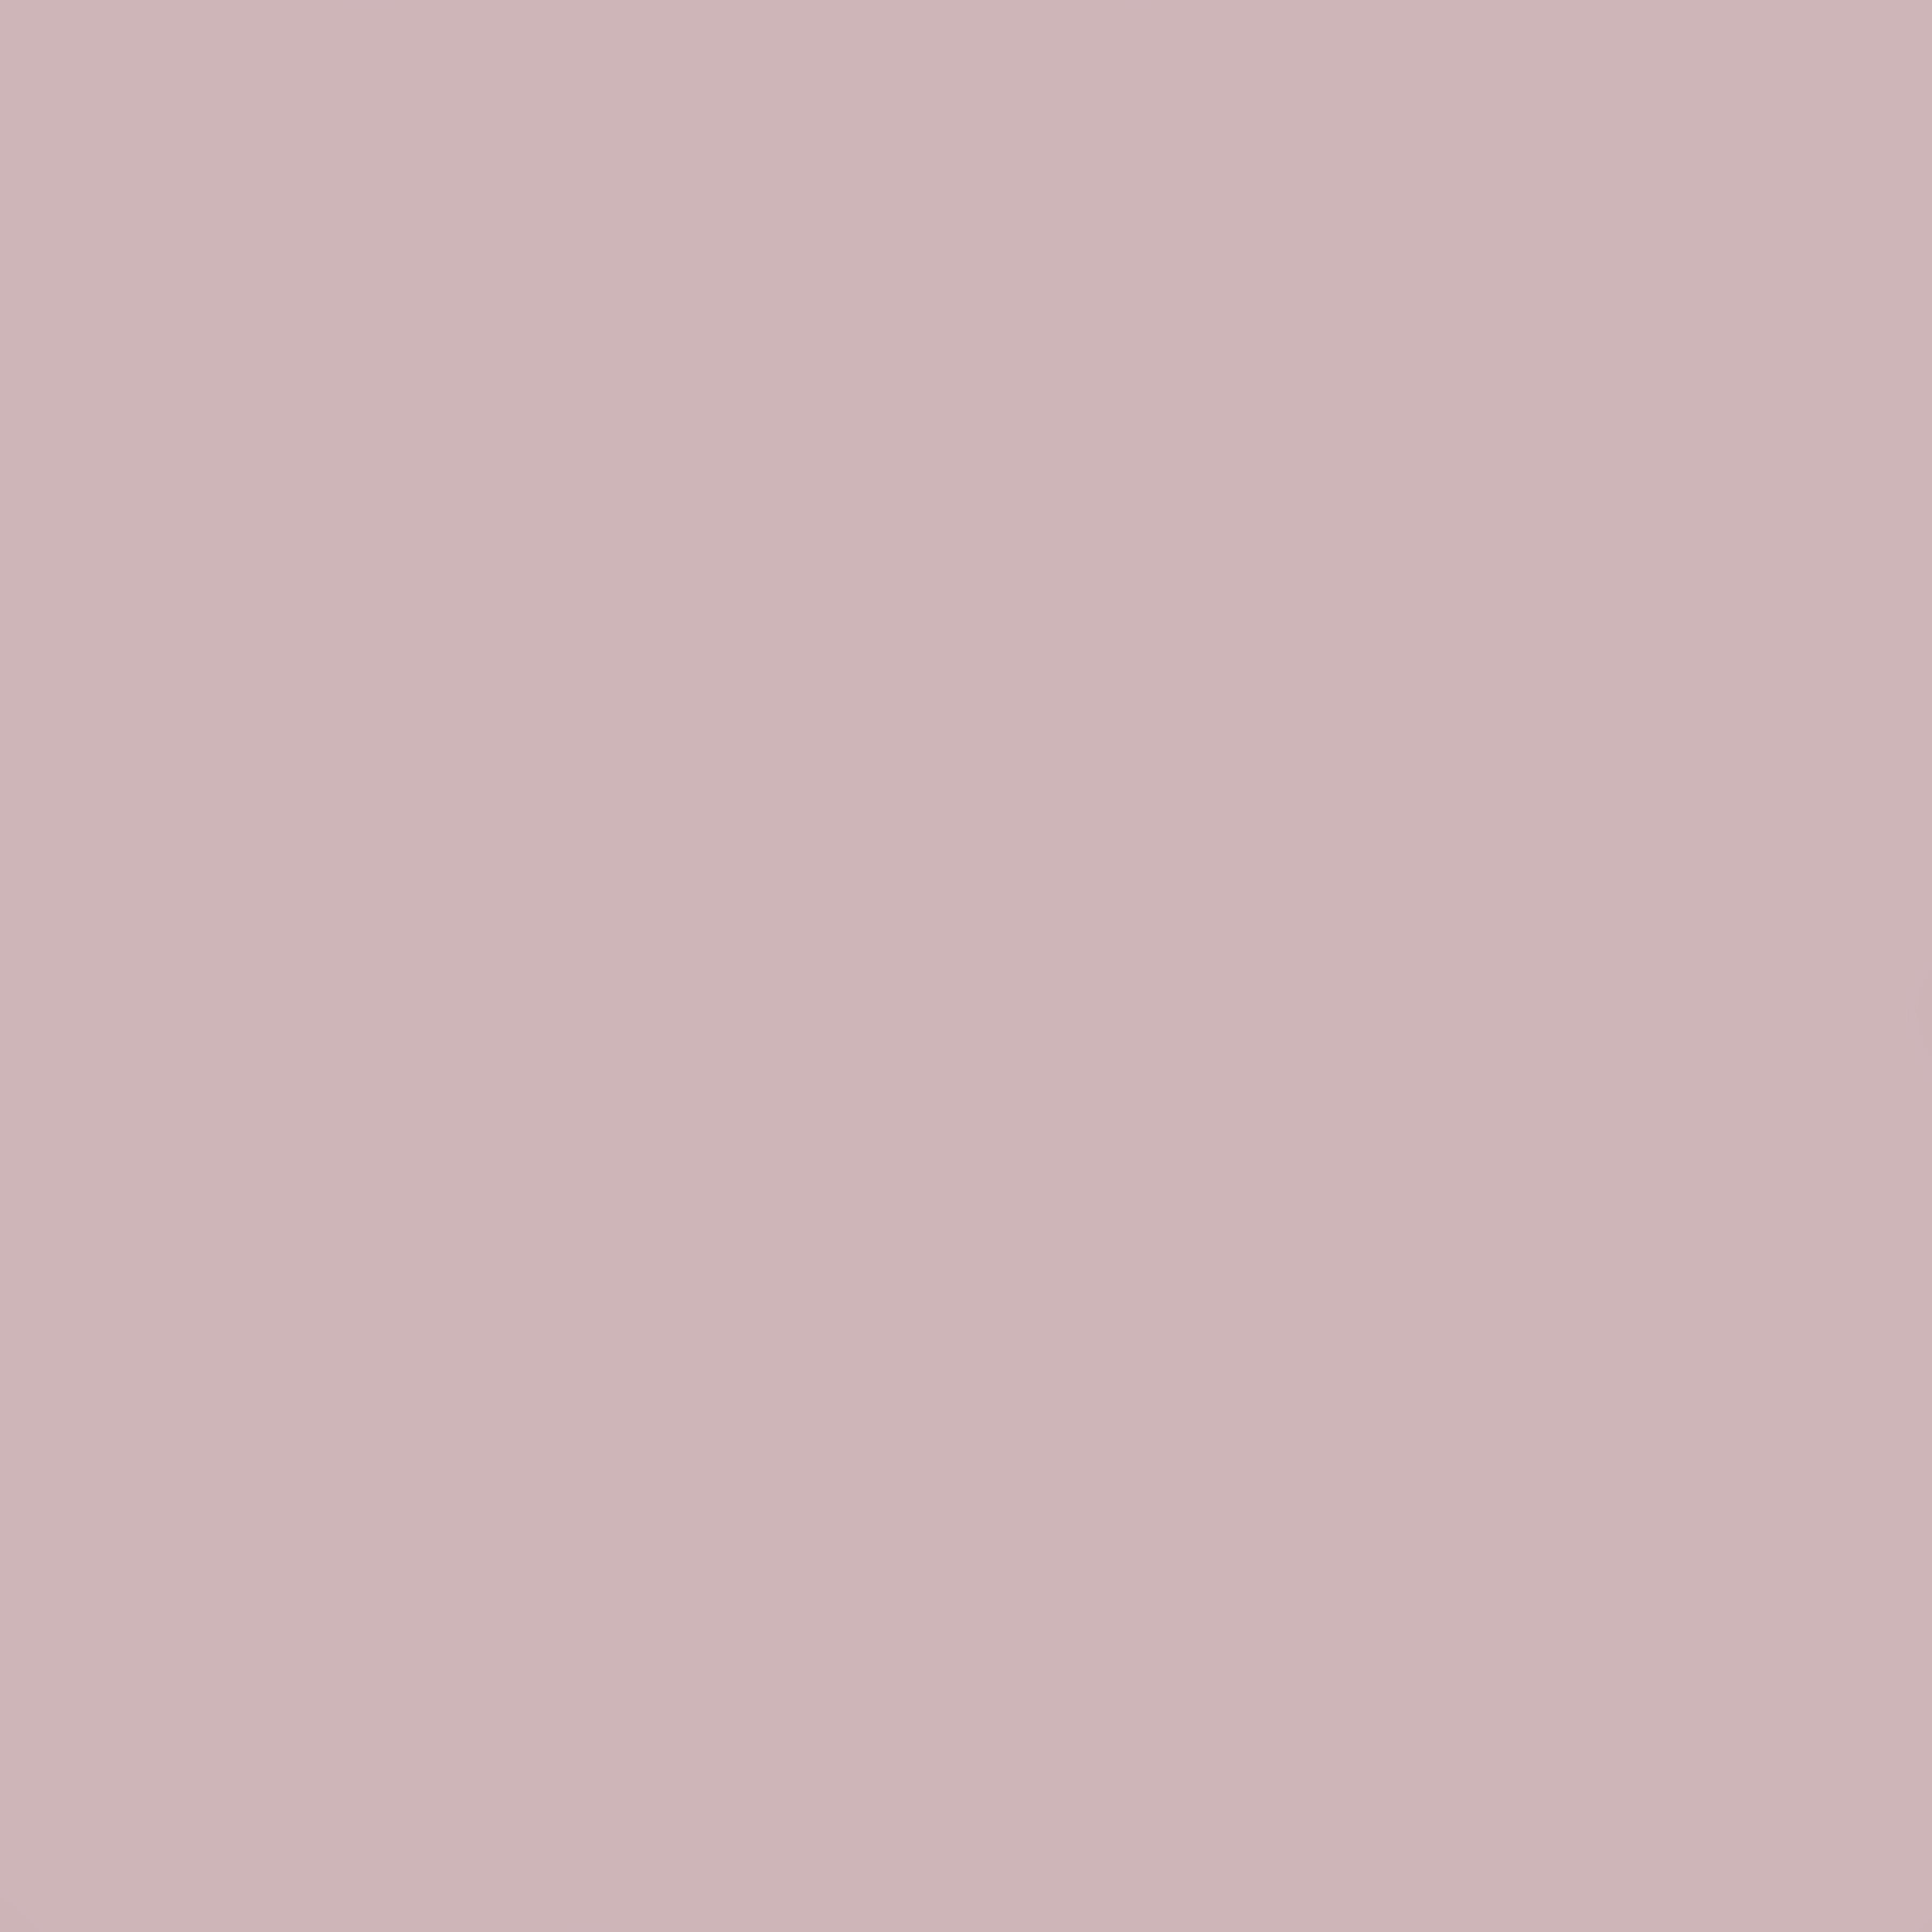 Rose U17501 VV